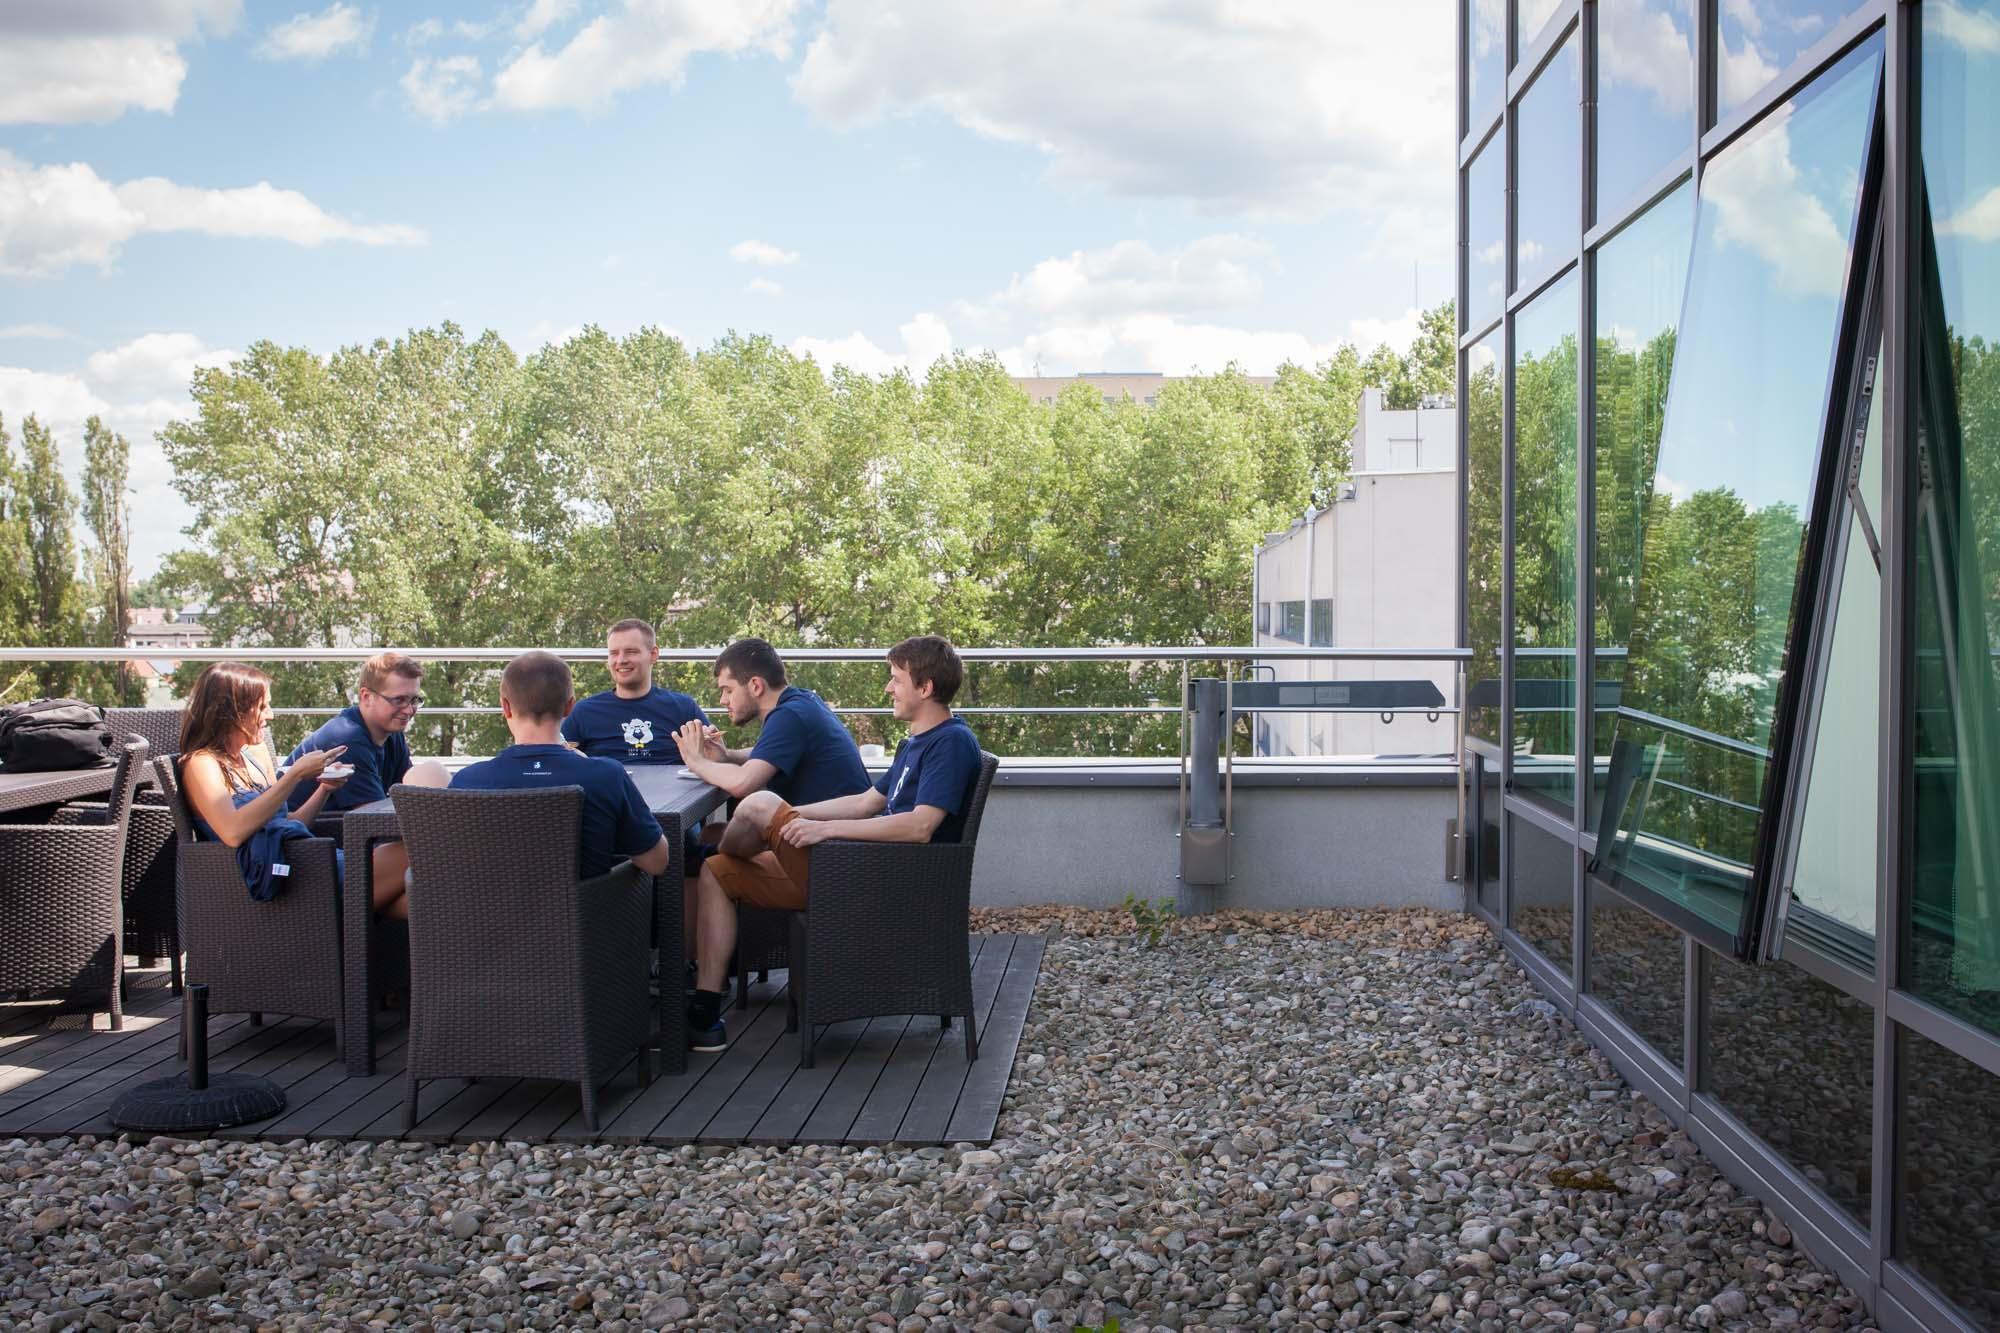 Lunch break on the rooftop terrace.